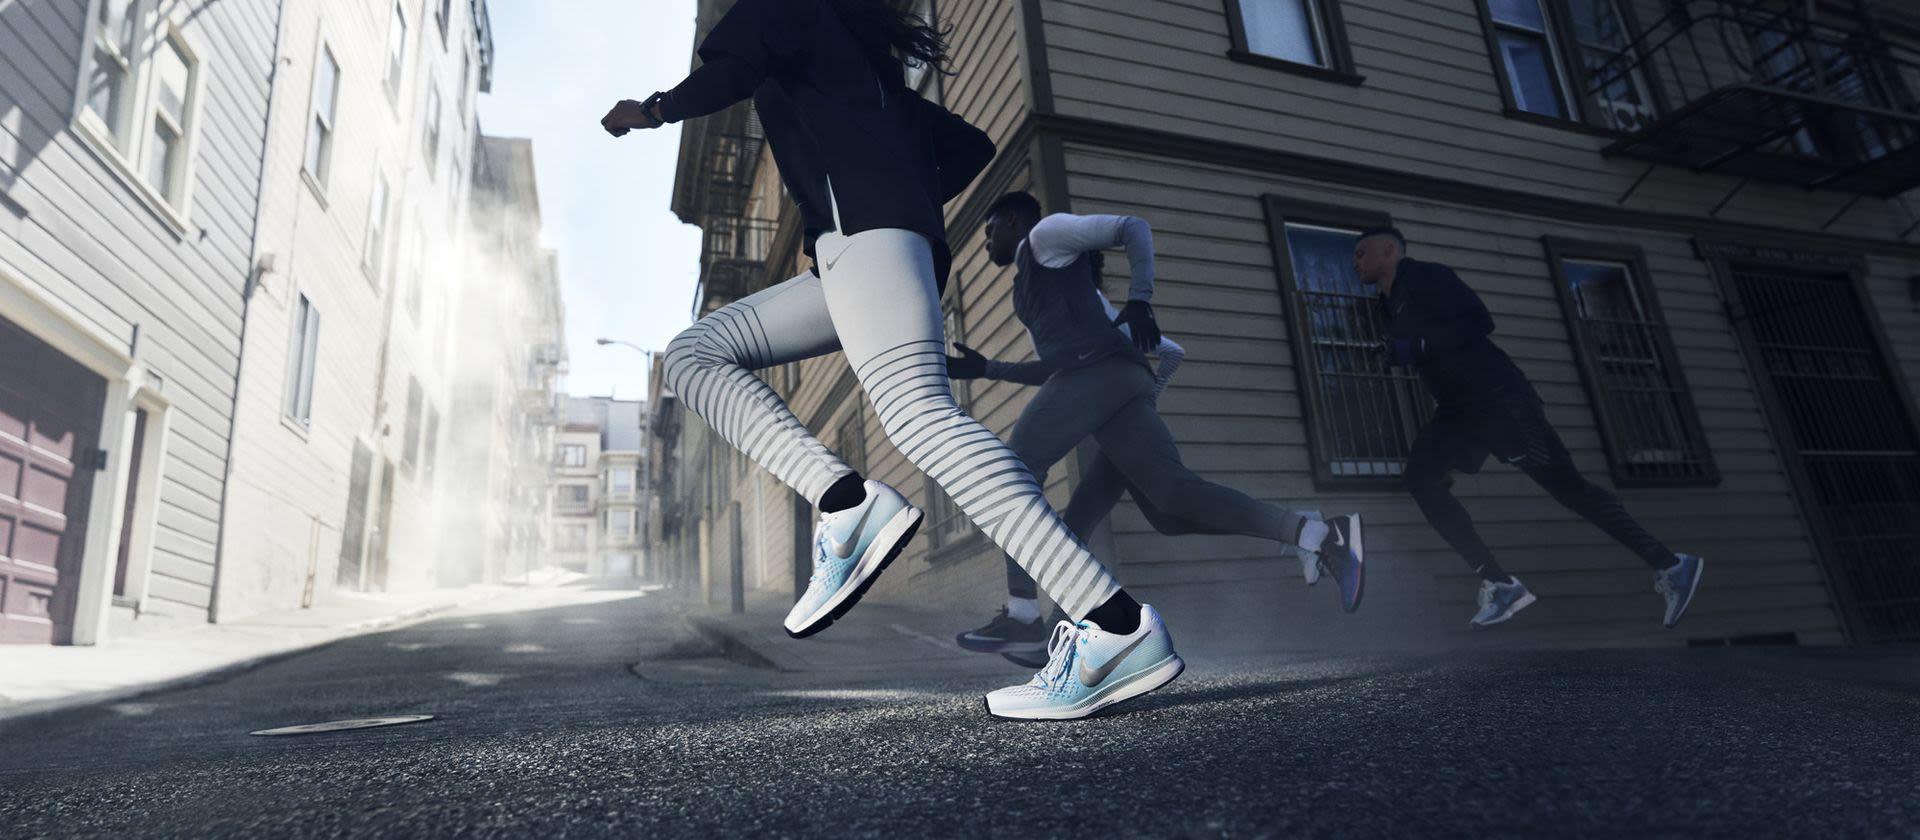 Emoción Persona especial boicotear  Tiene garantía el calzado Nike?   Ayuda de Nike